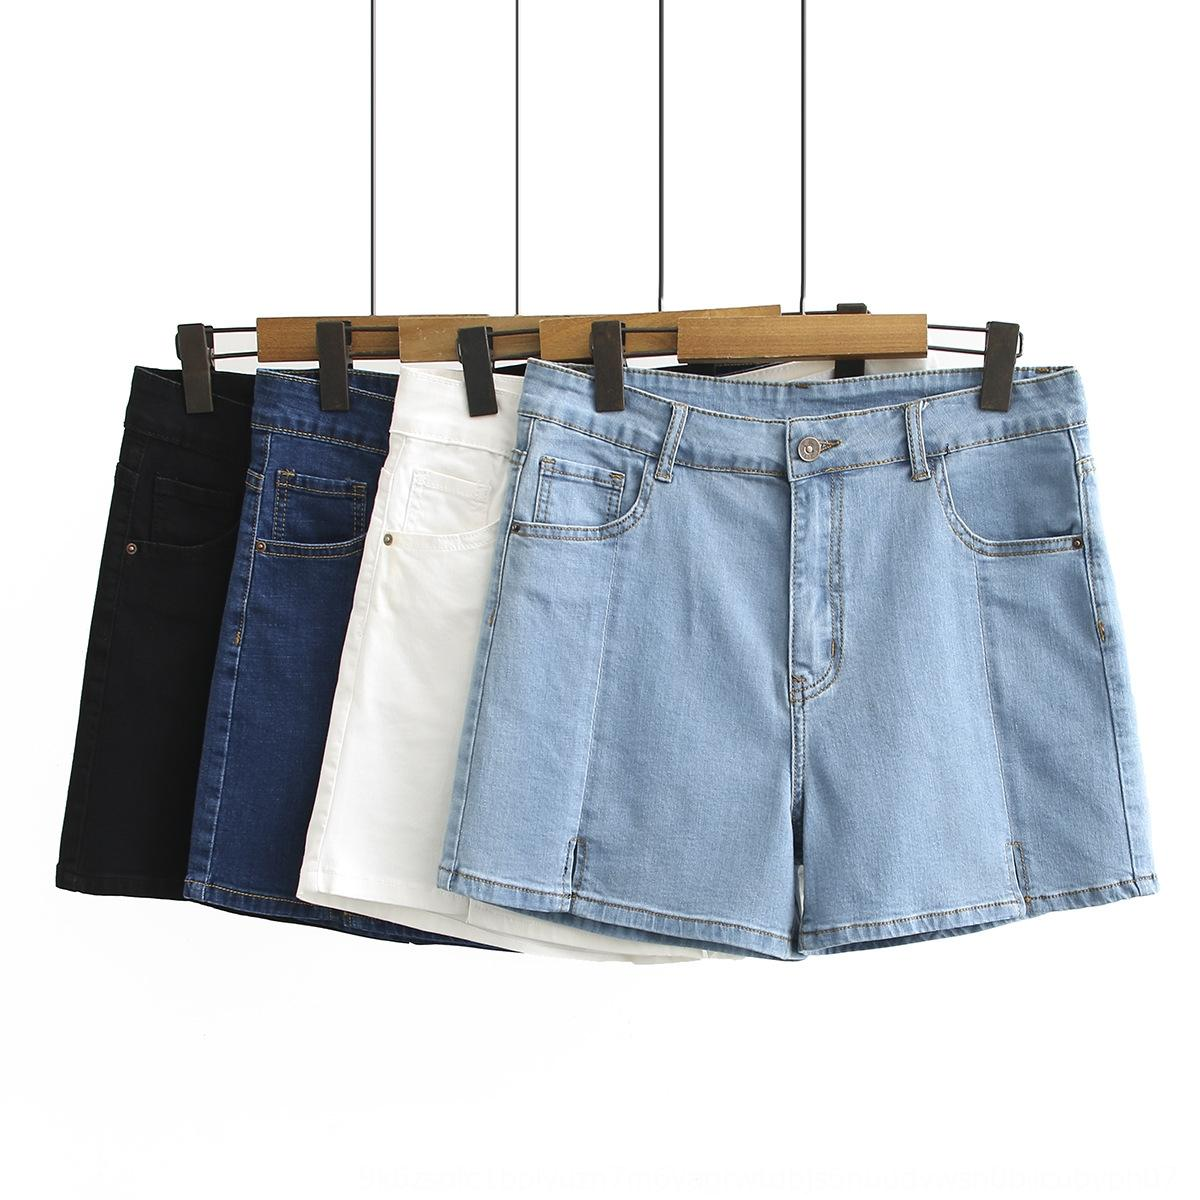 vqZ1i крупногабаритные женские летние шорты шорты шорты высокой талии широко- форму окорока шортах жира мм сыпучих похудение джинсовой новых 28209